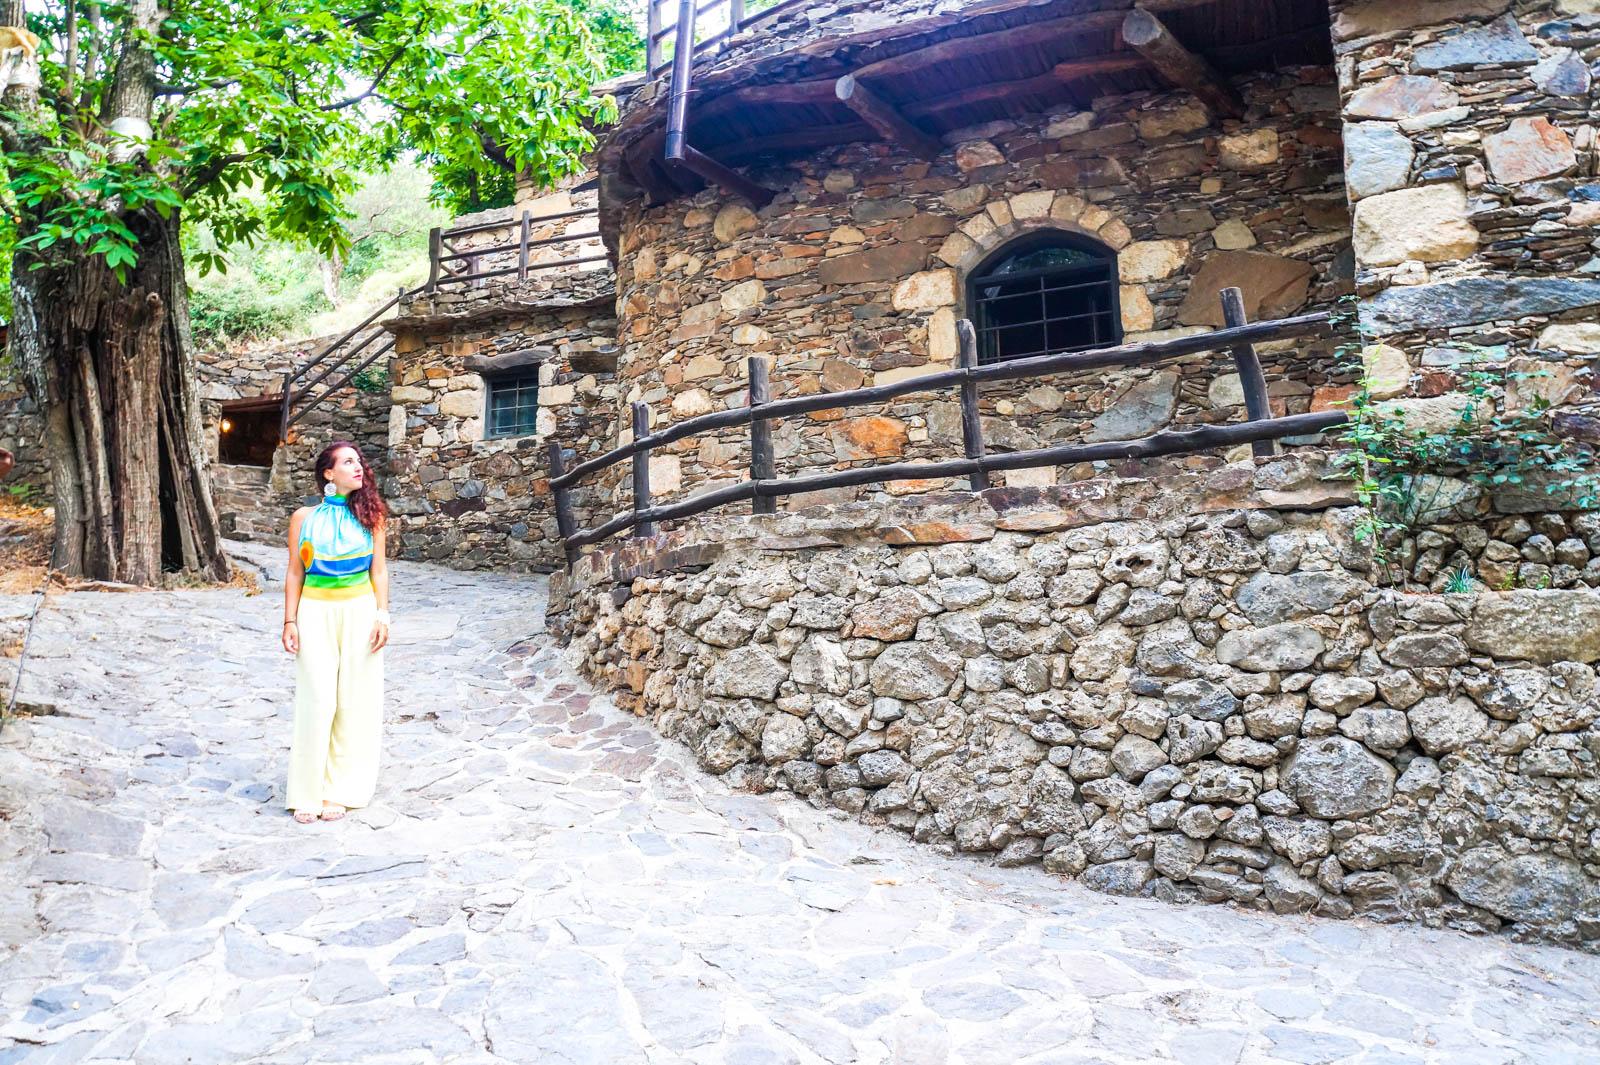 milia-crete-greece-la-vie-en-blog-all-rights-reserved